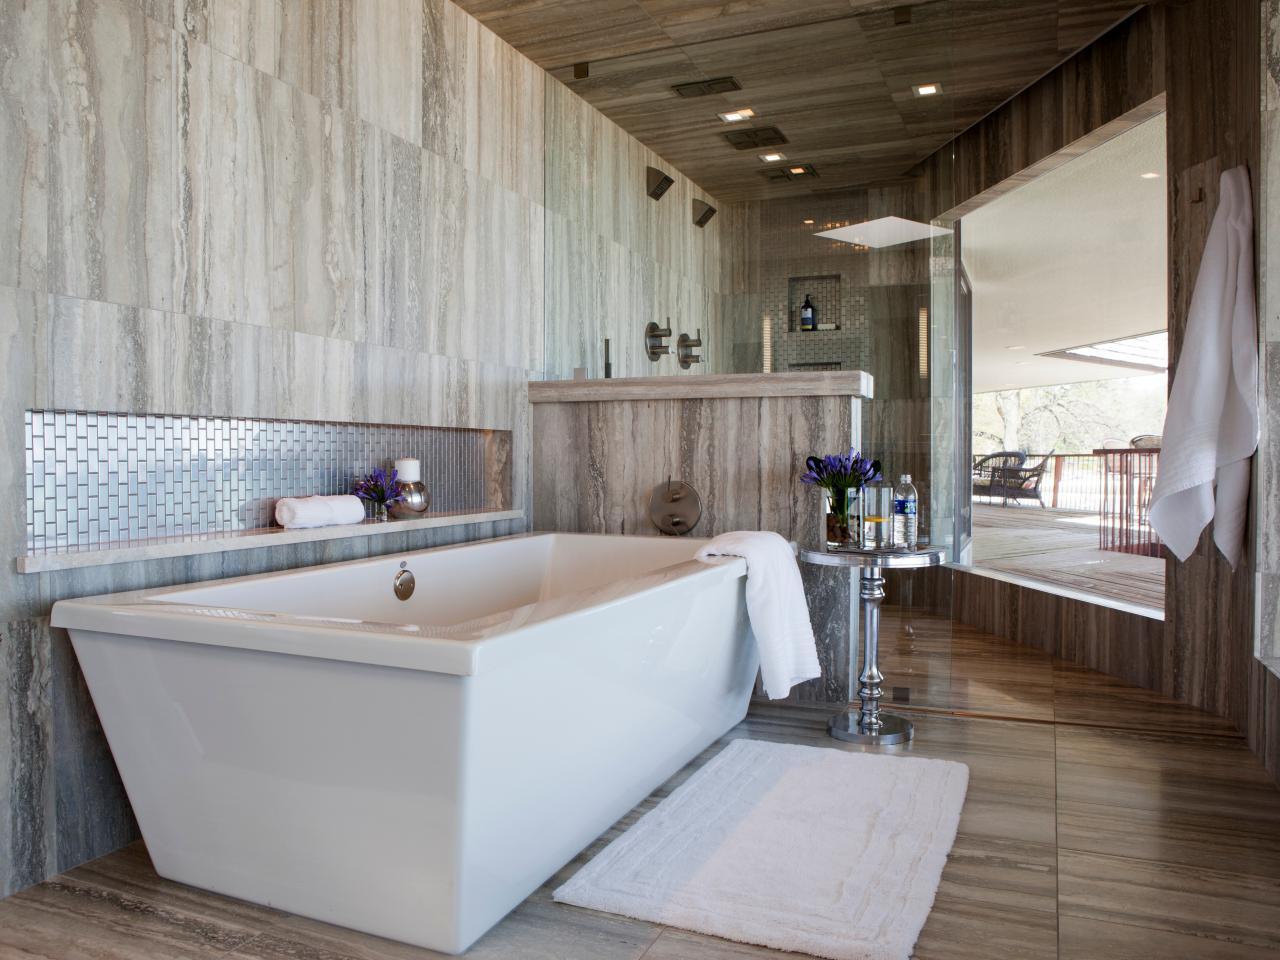 Ванная комната в современном стиле в доме